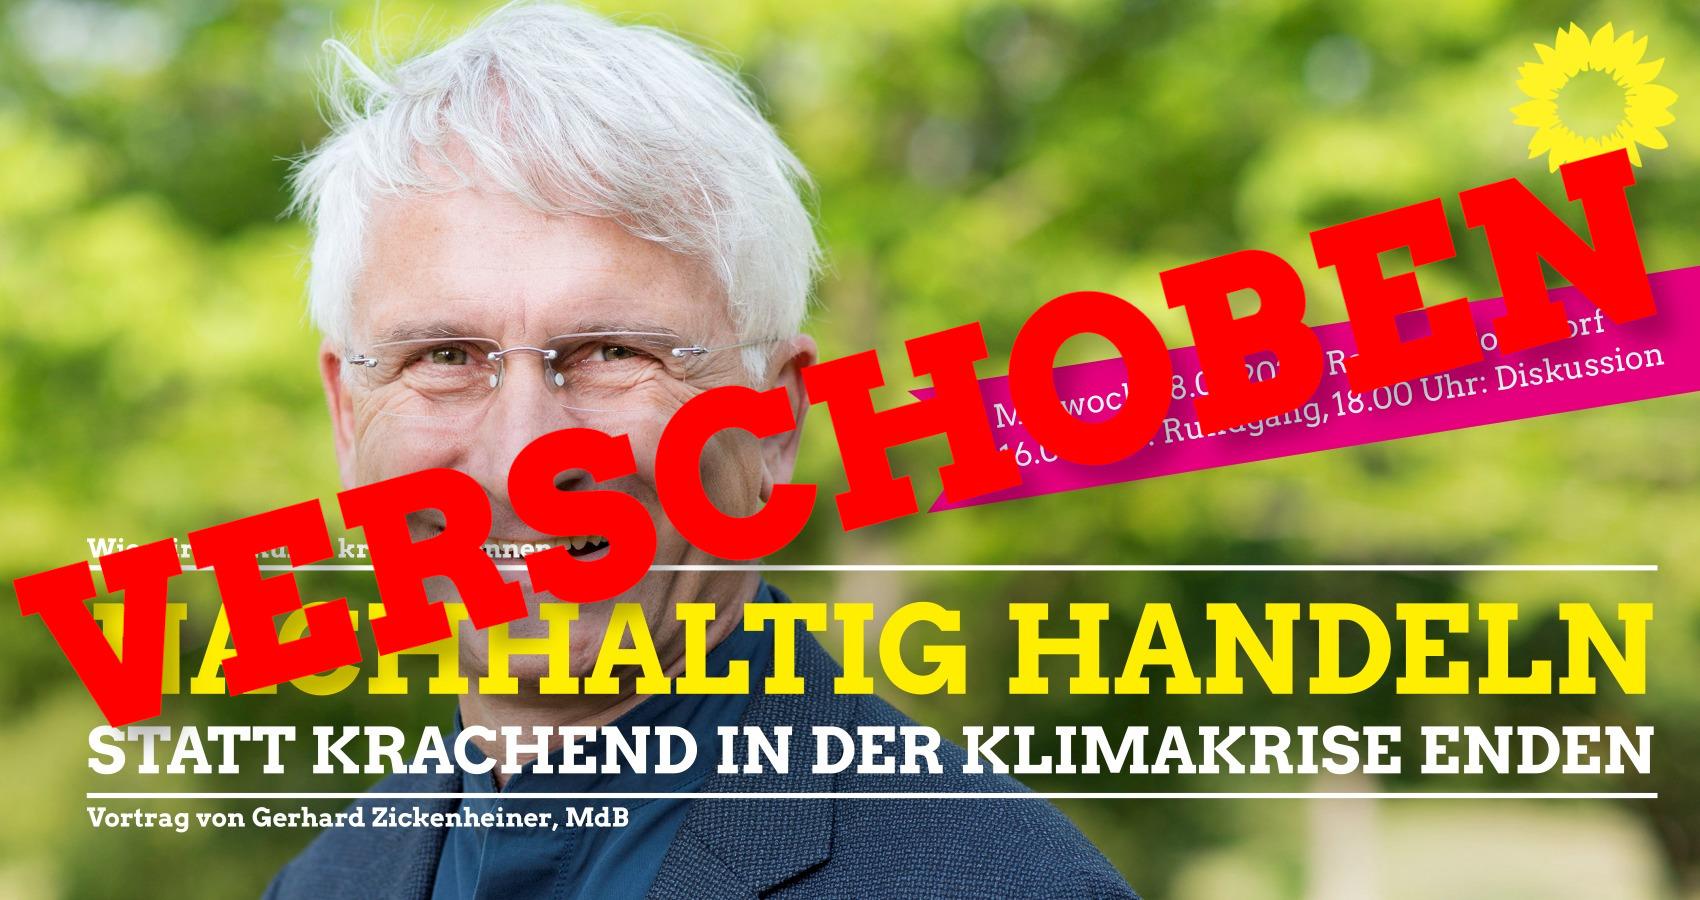 ABSAGE/VERSCHOBEN –  Diskussion mit Gerhard Zickenheiner, MdB in BONNDORF